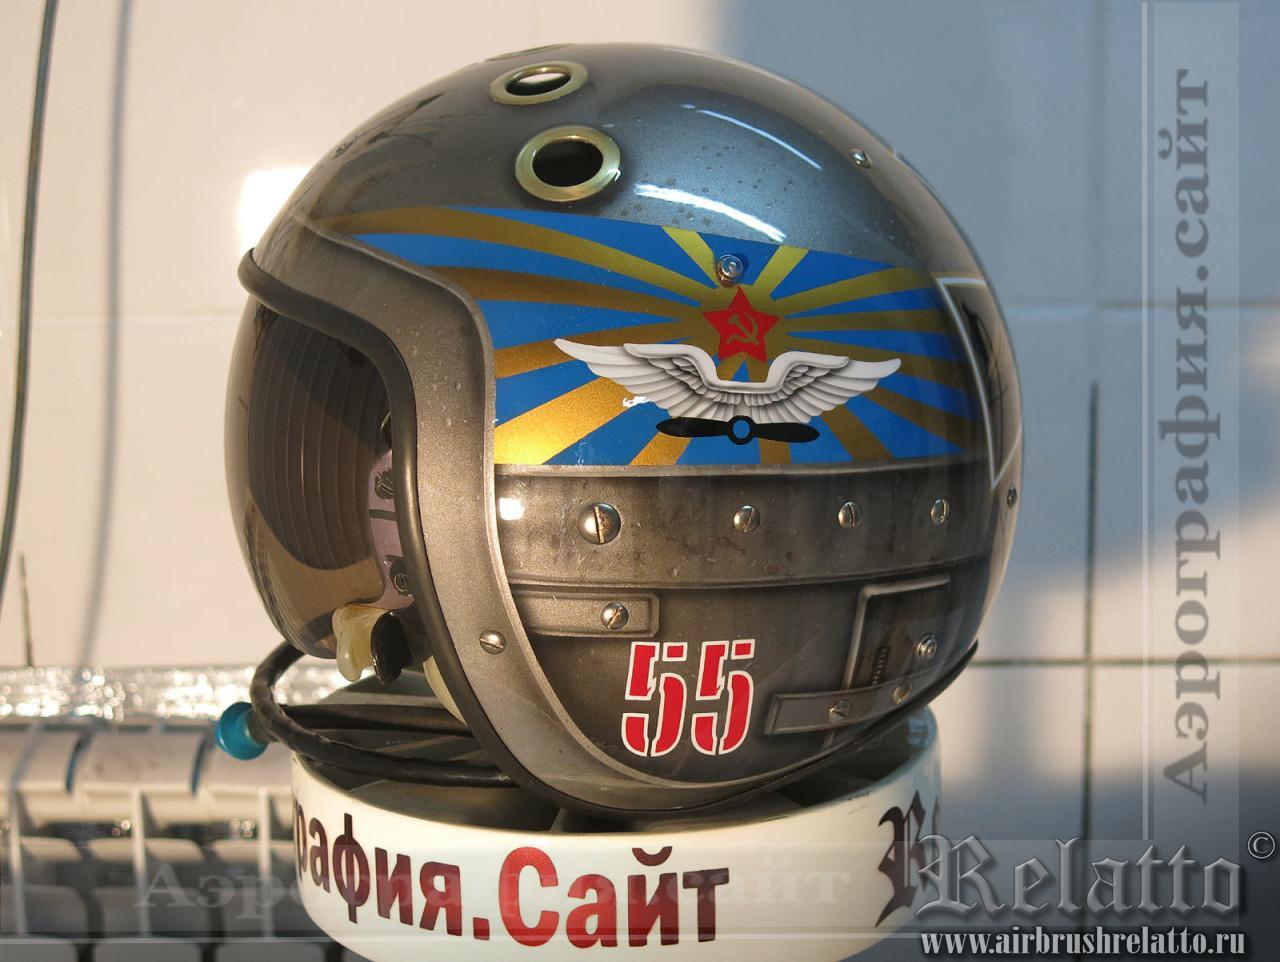 летный шлем с аэрографией в Белгороде